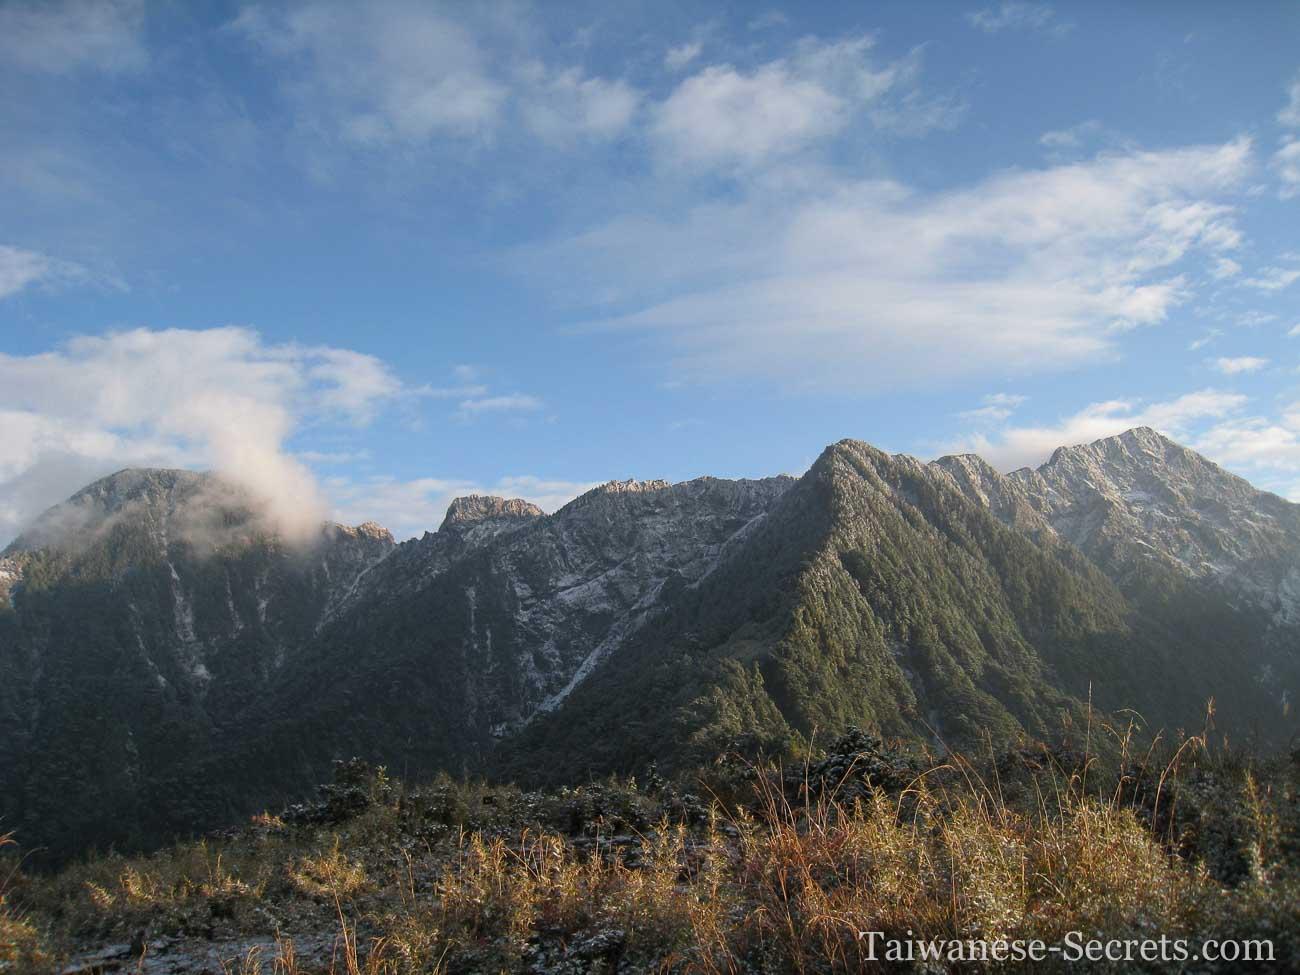 Mt Guanshan Taiwan